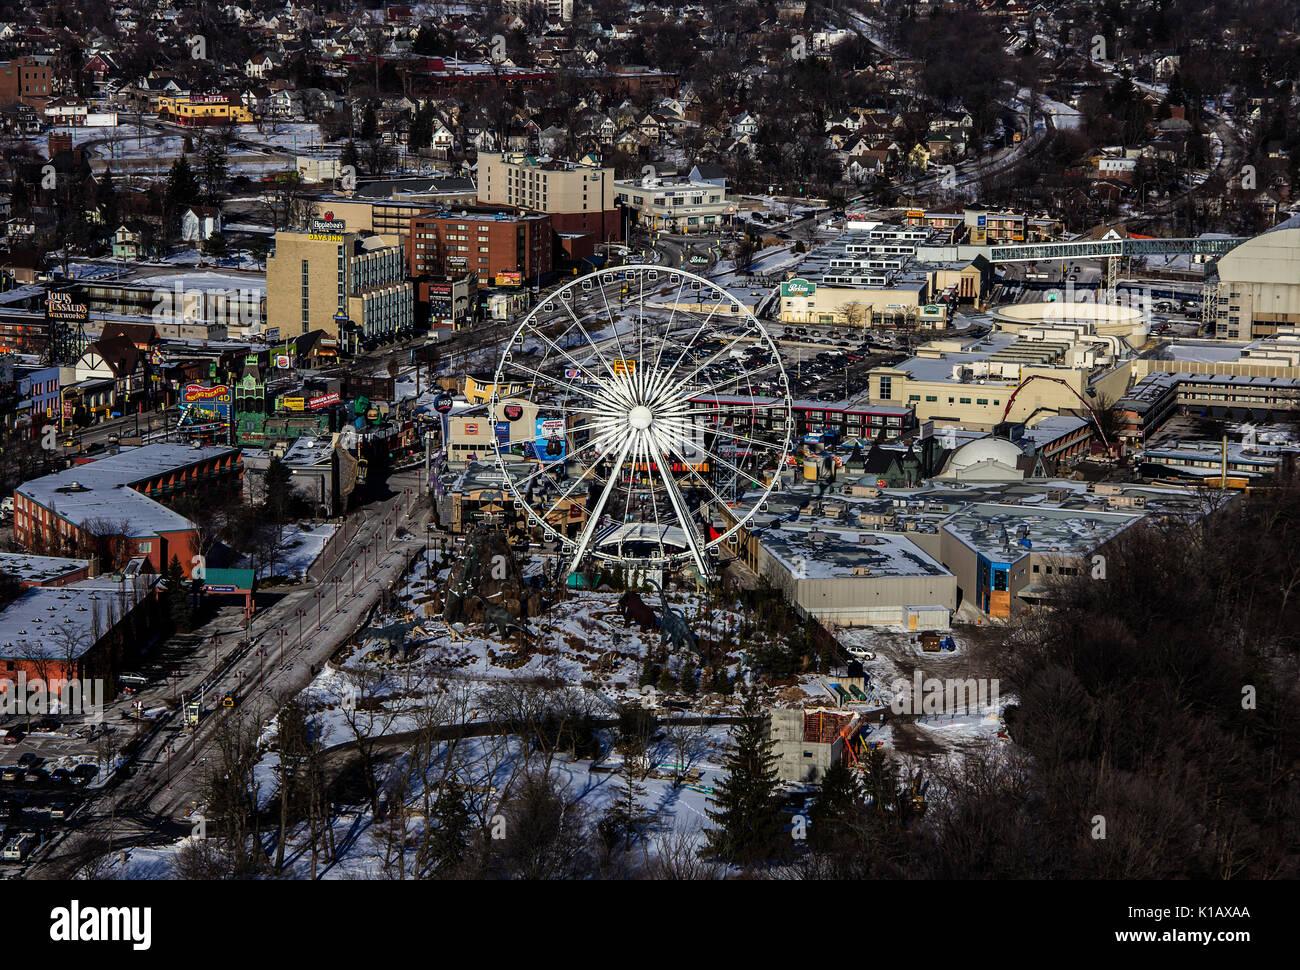 Niagara Falls, Ontario, Canada; sur la ville de Niagara Falls Ville et grande roue, roue ciel wintera Banque D'Images